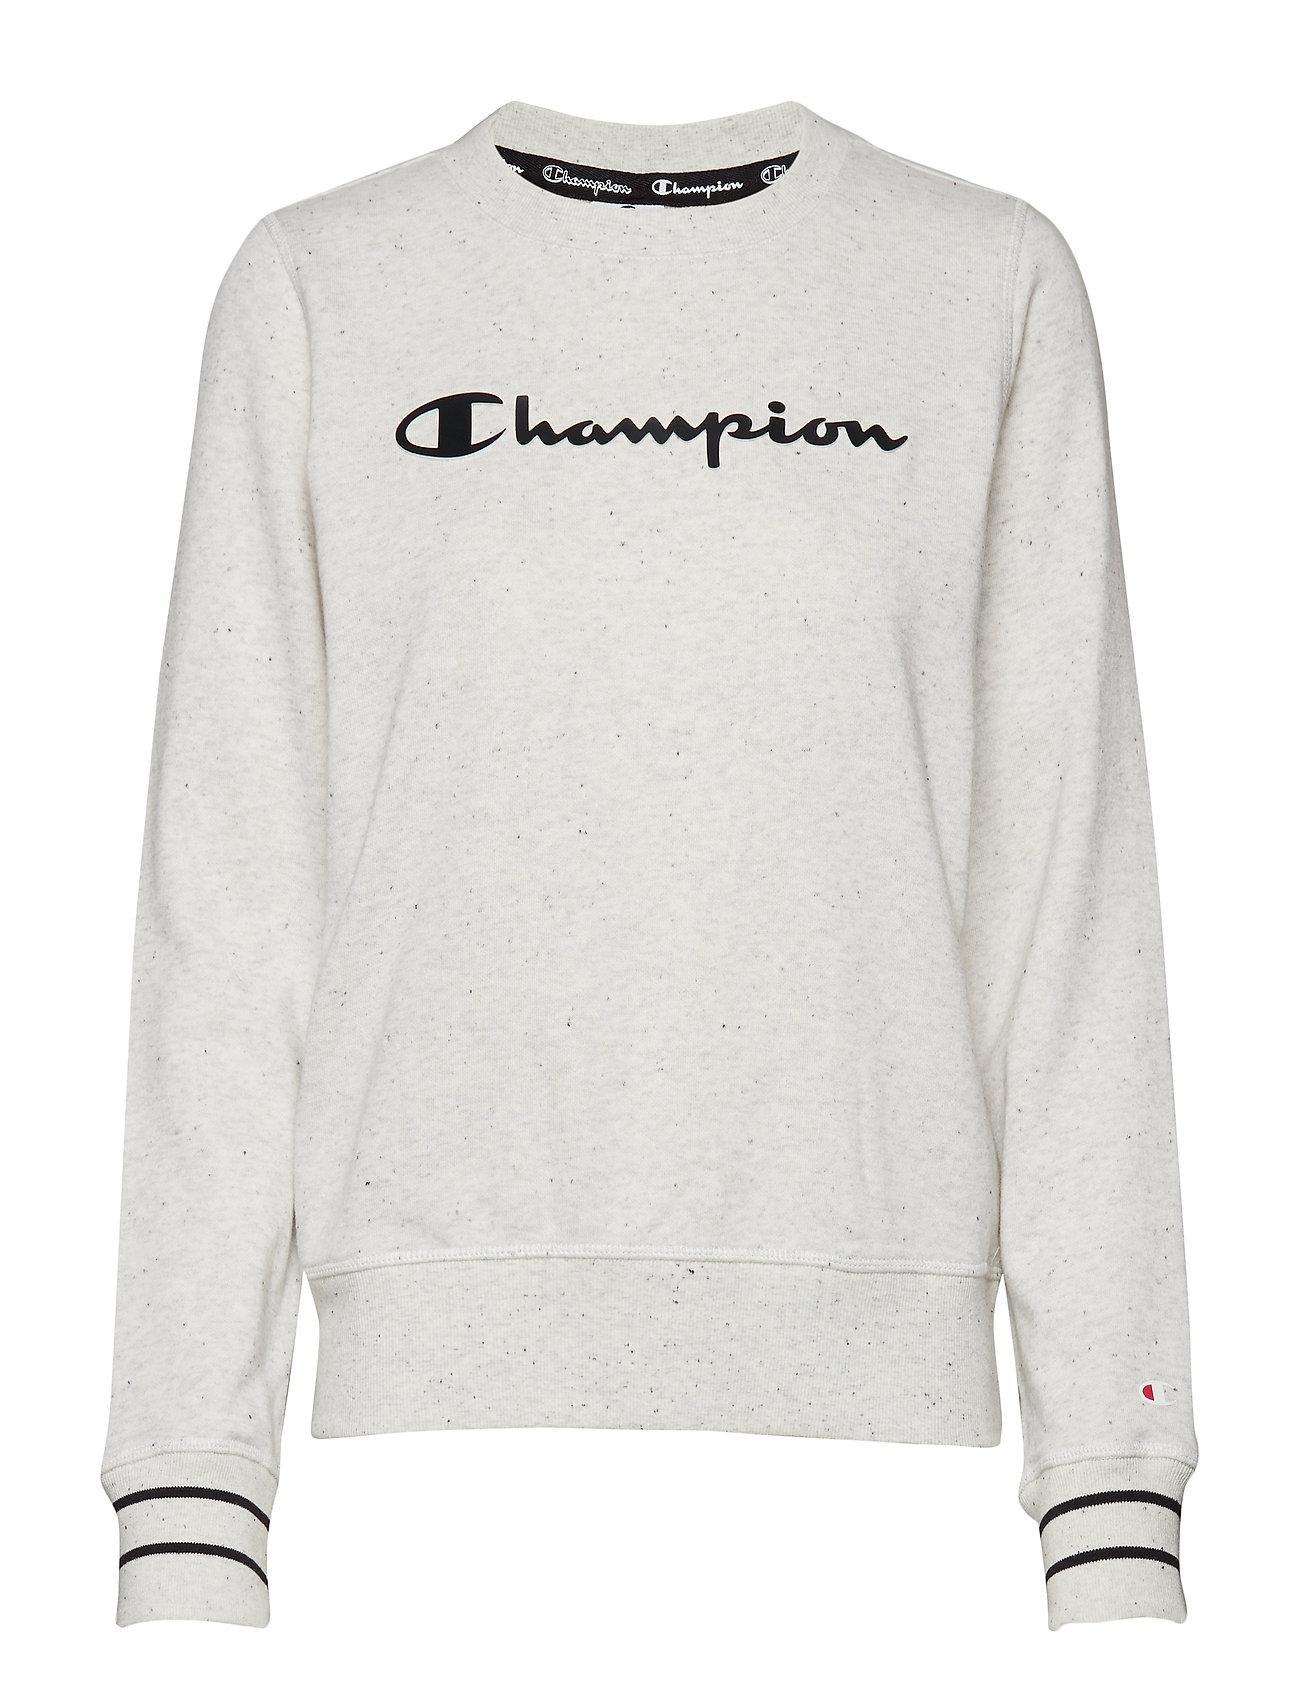 MelangeChampion Crewneck Black Dots Grey Sweatshirtlight LSpGVUMqz